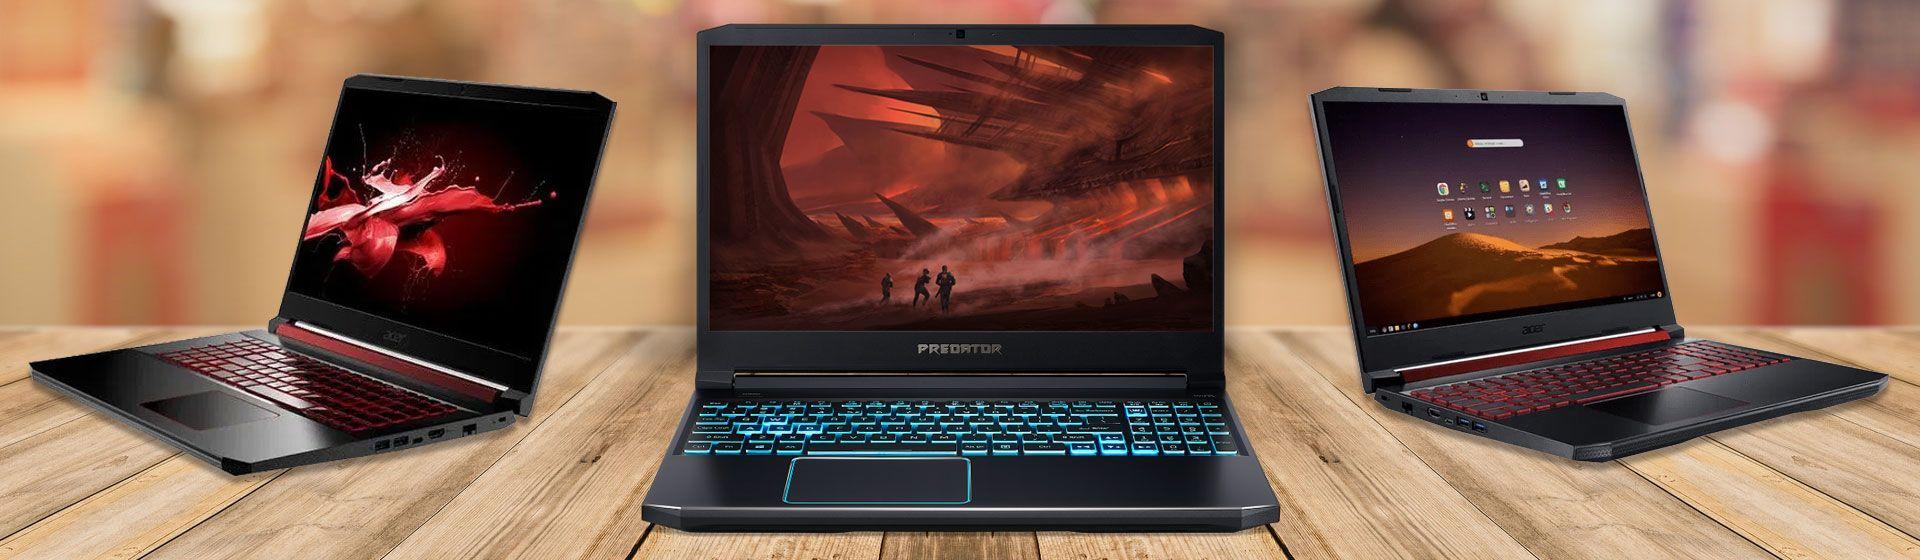 Melhores notebooks gamer Acer em 2021